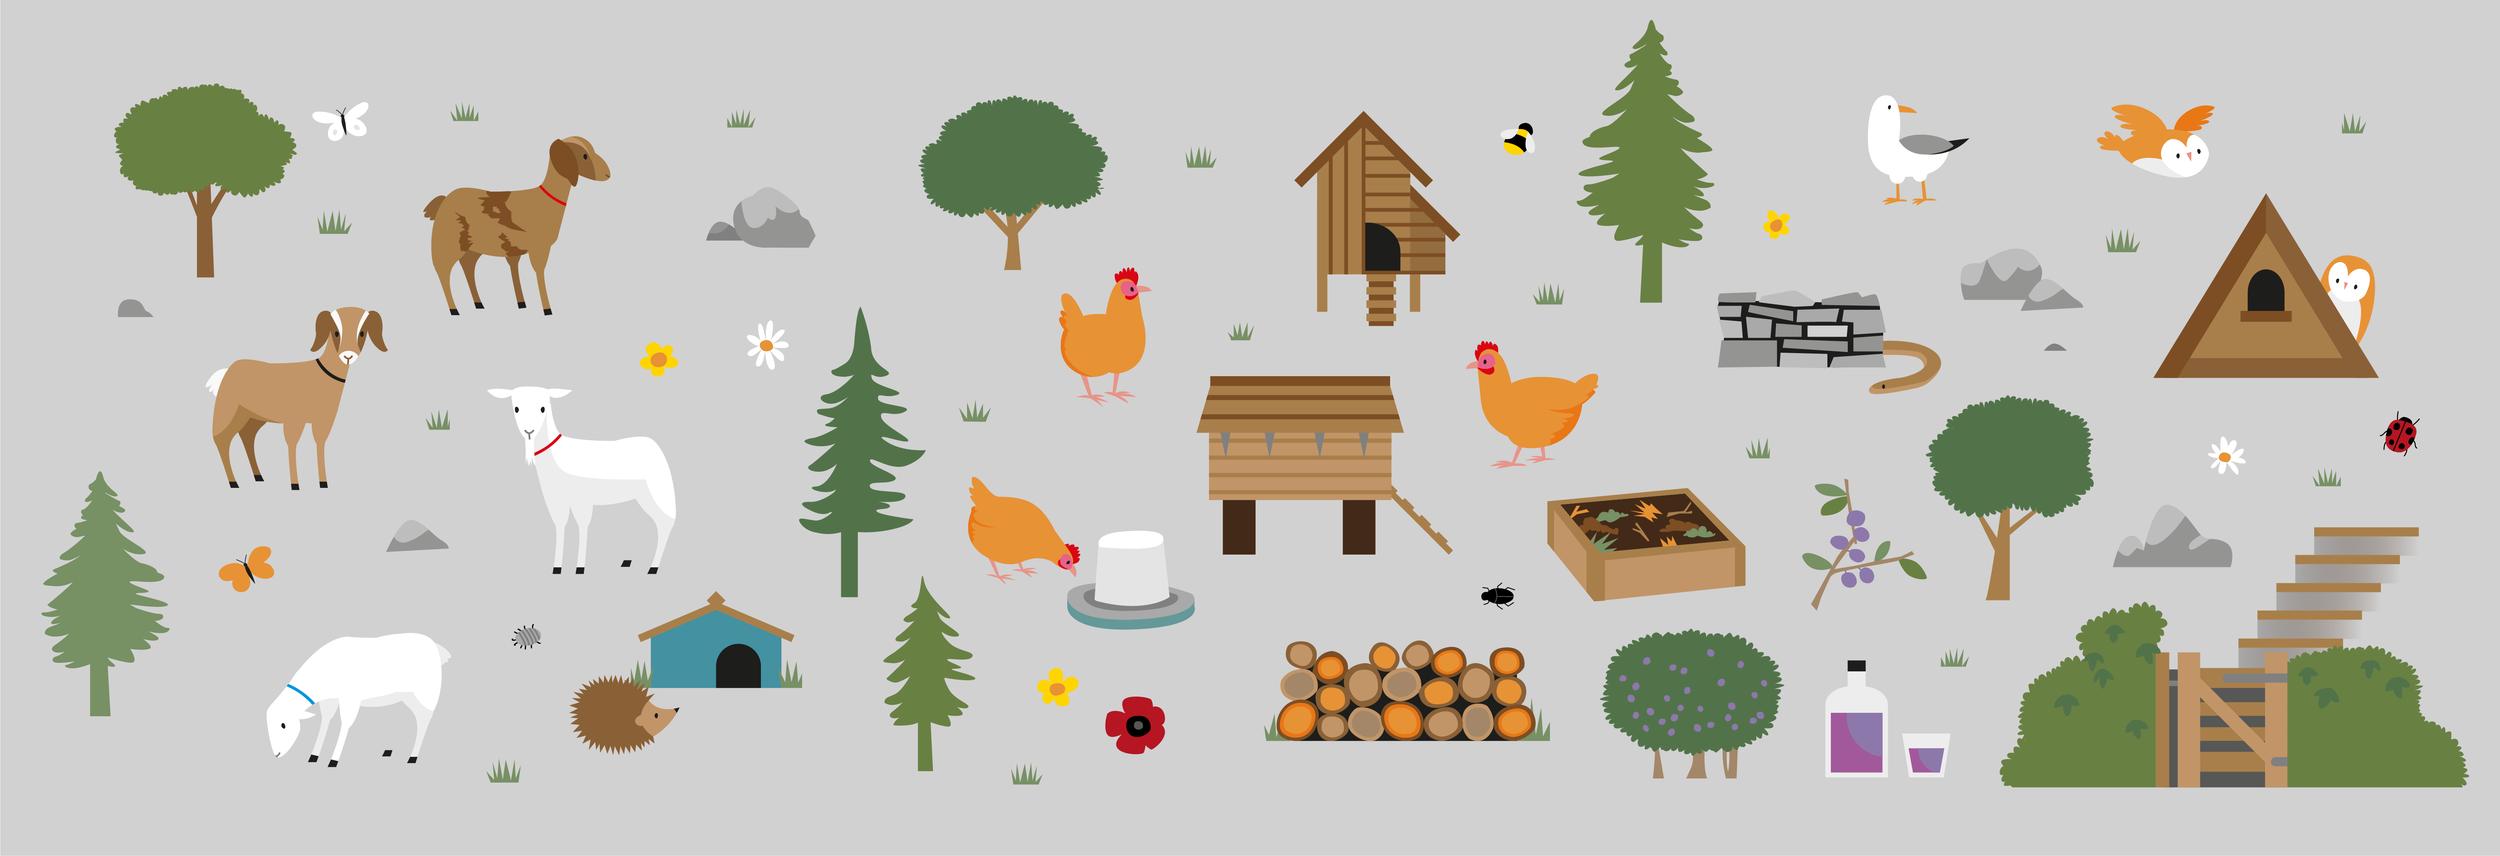 The Park Woodland Map Illustration_SM-06.png